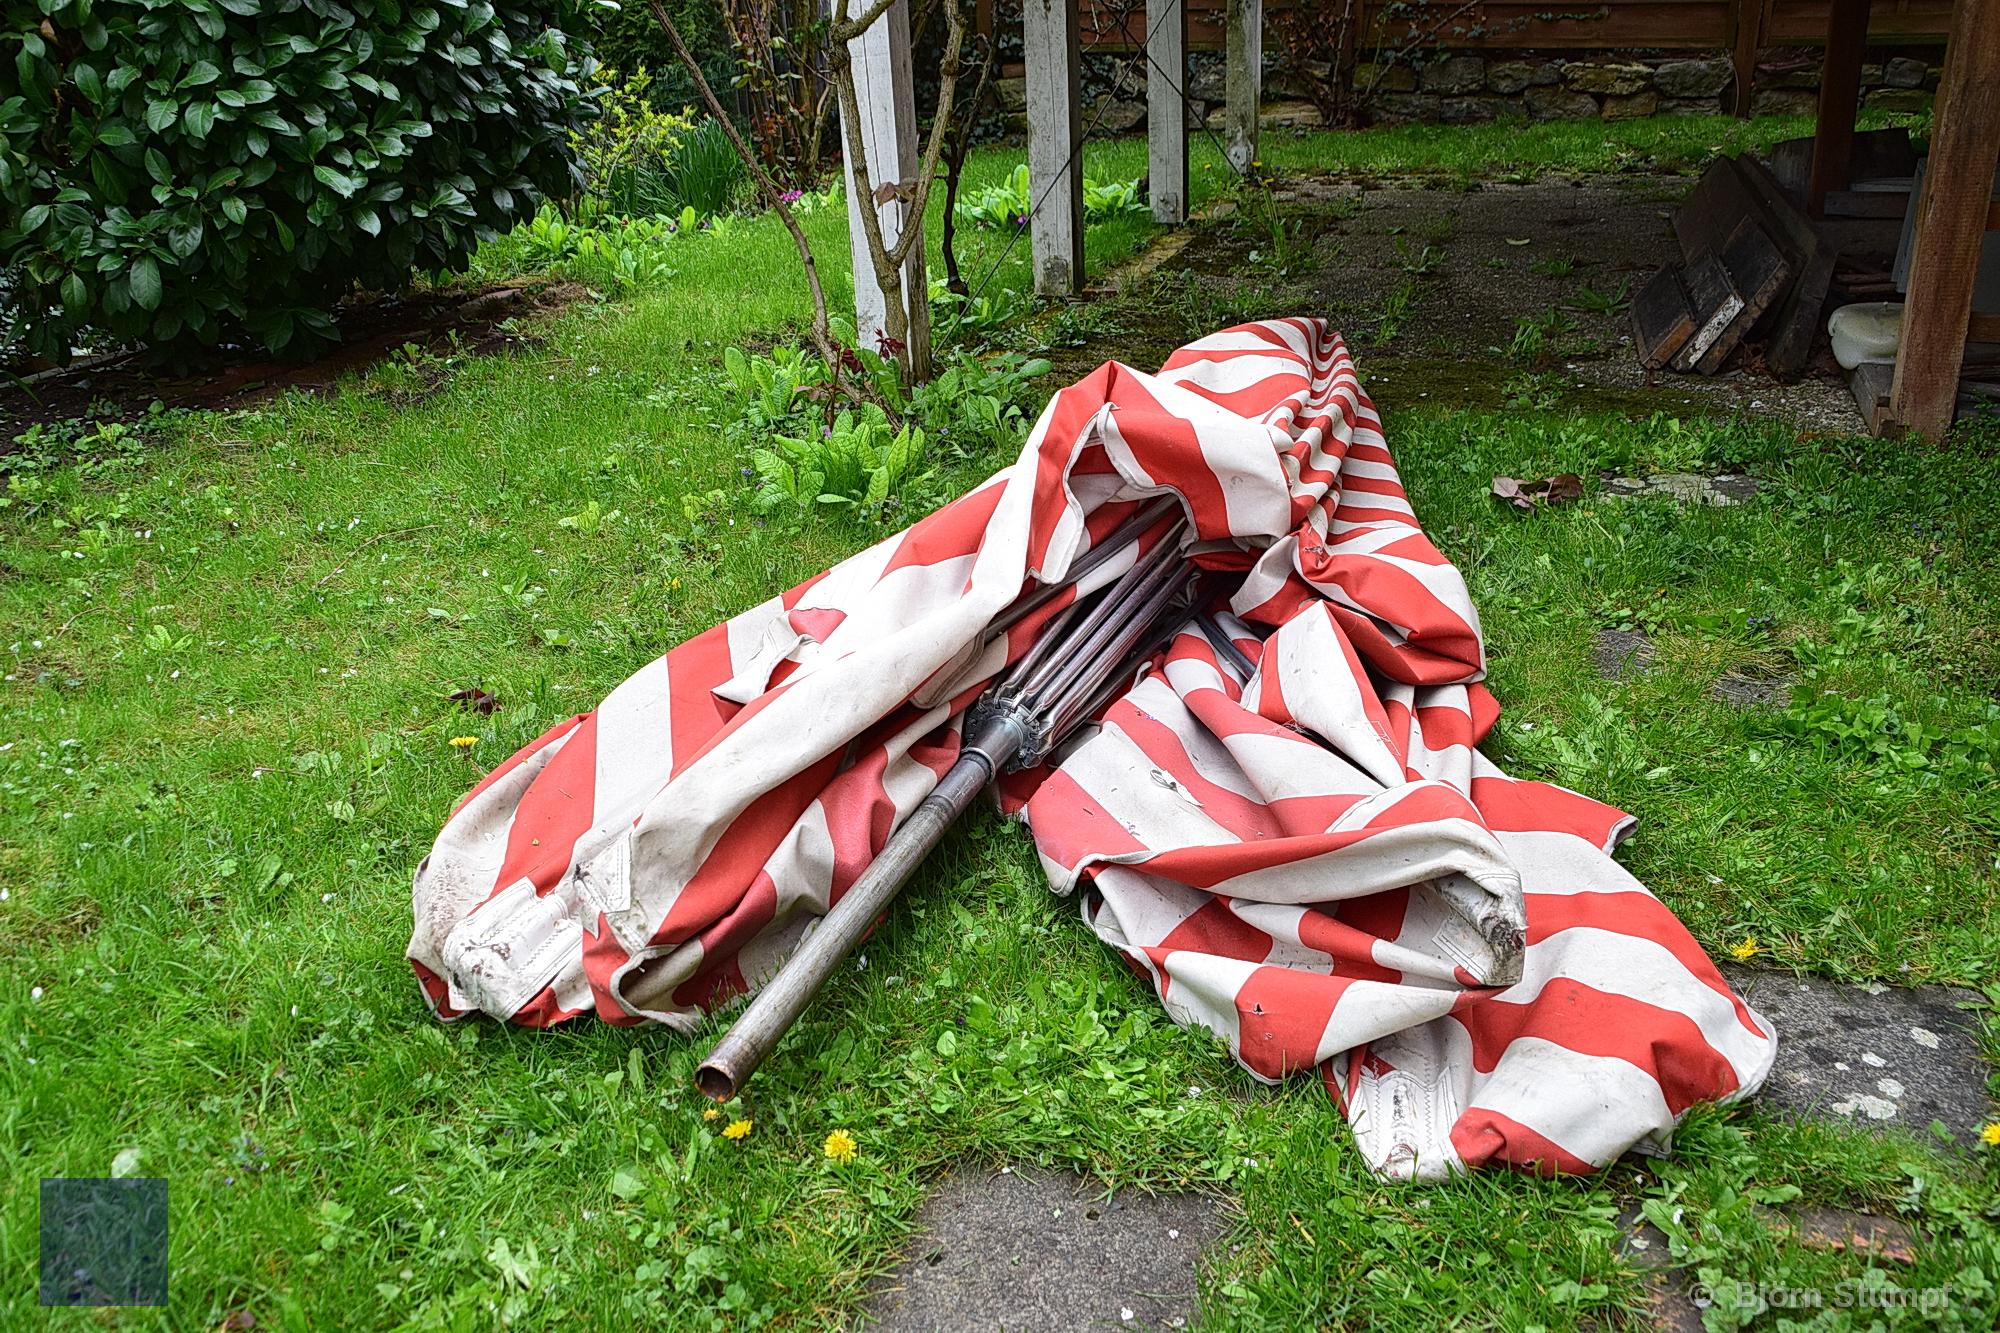 Bild #9 on www.tornado-map.de